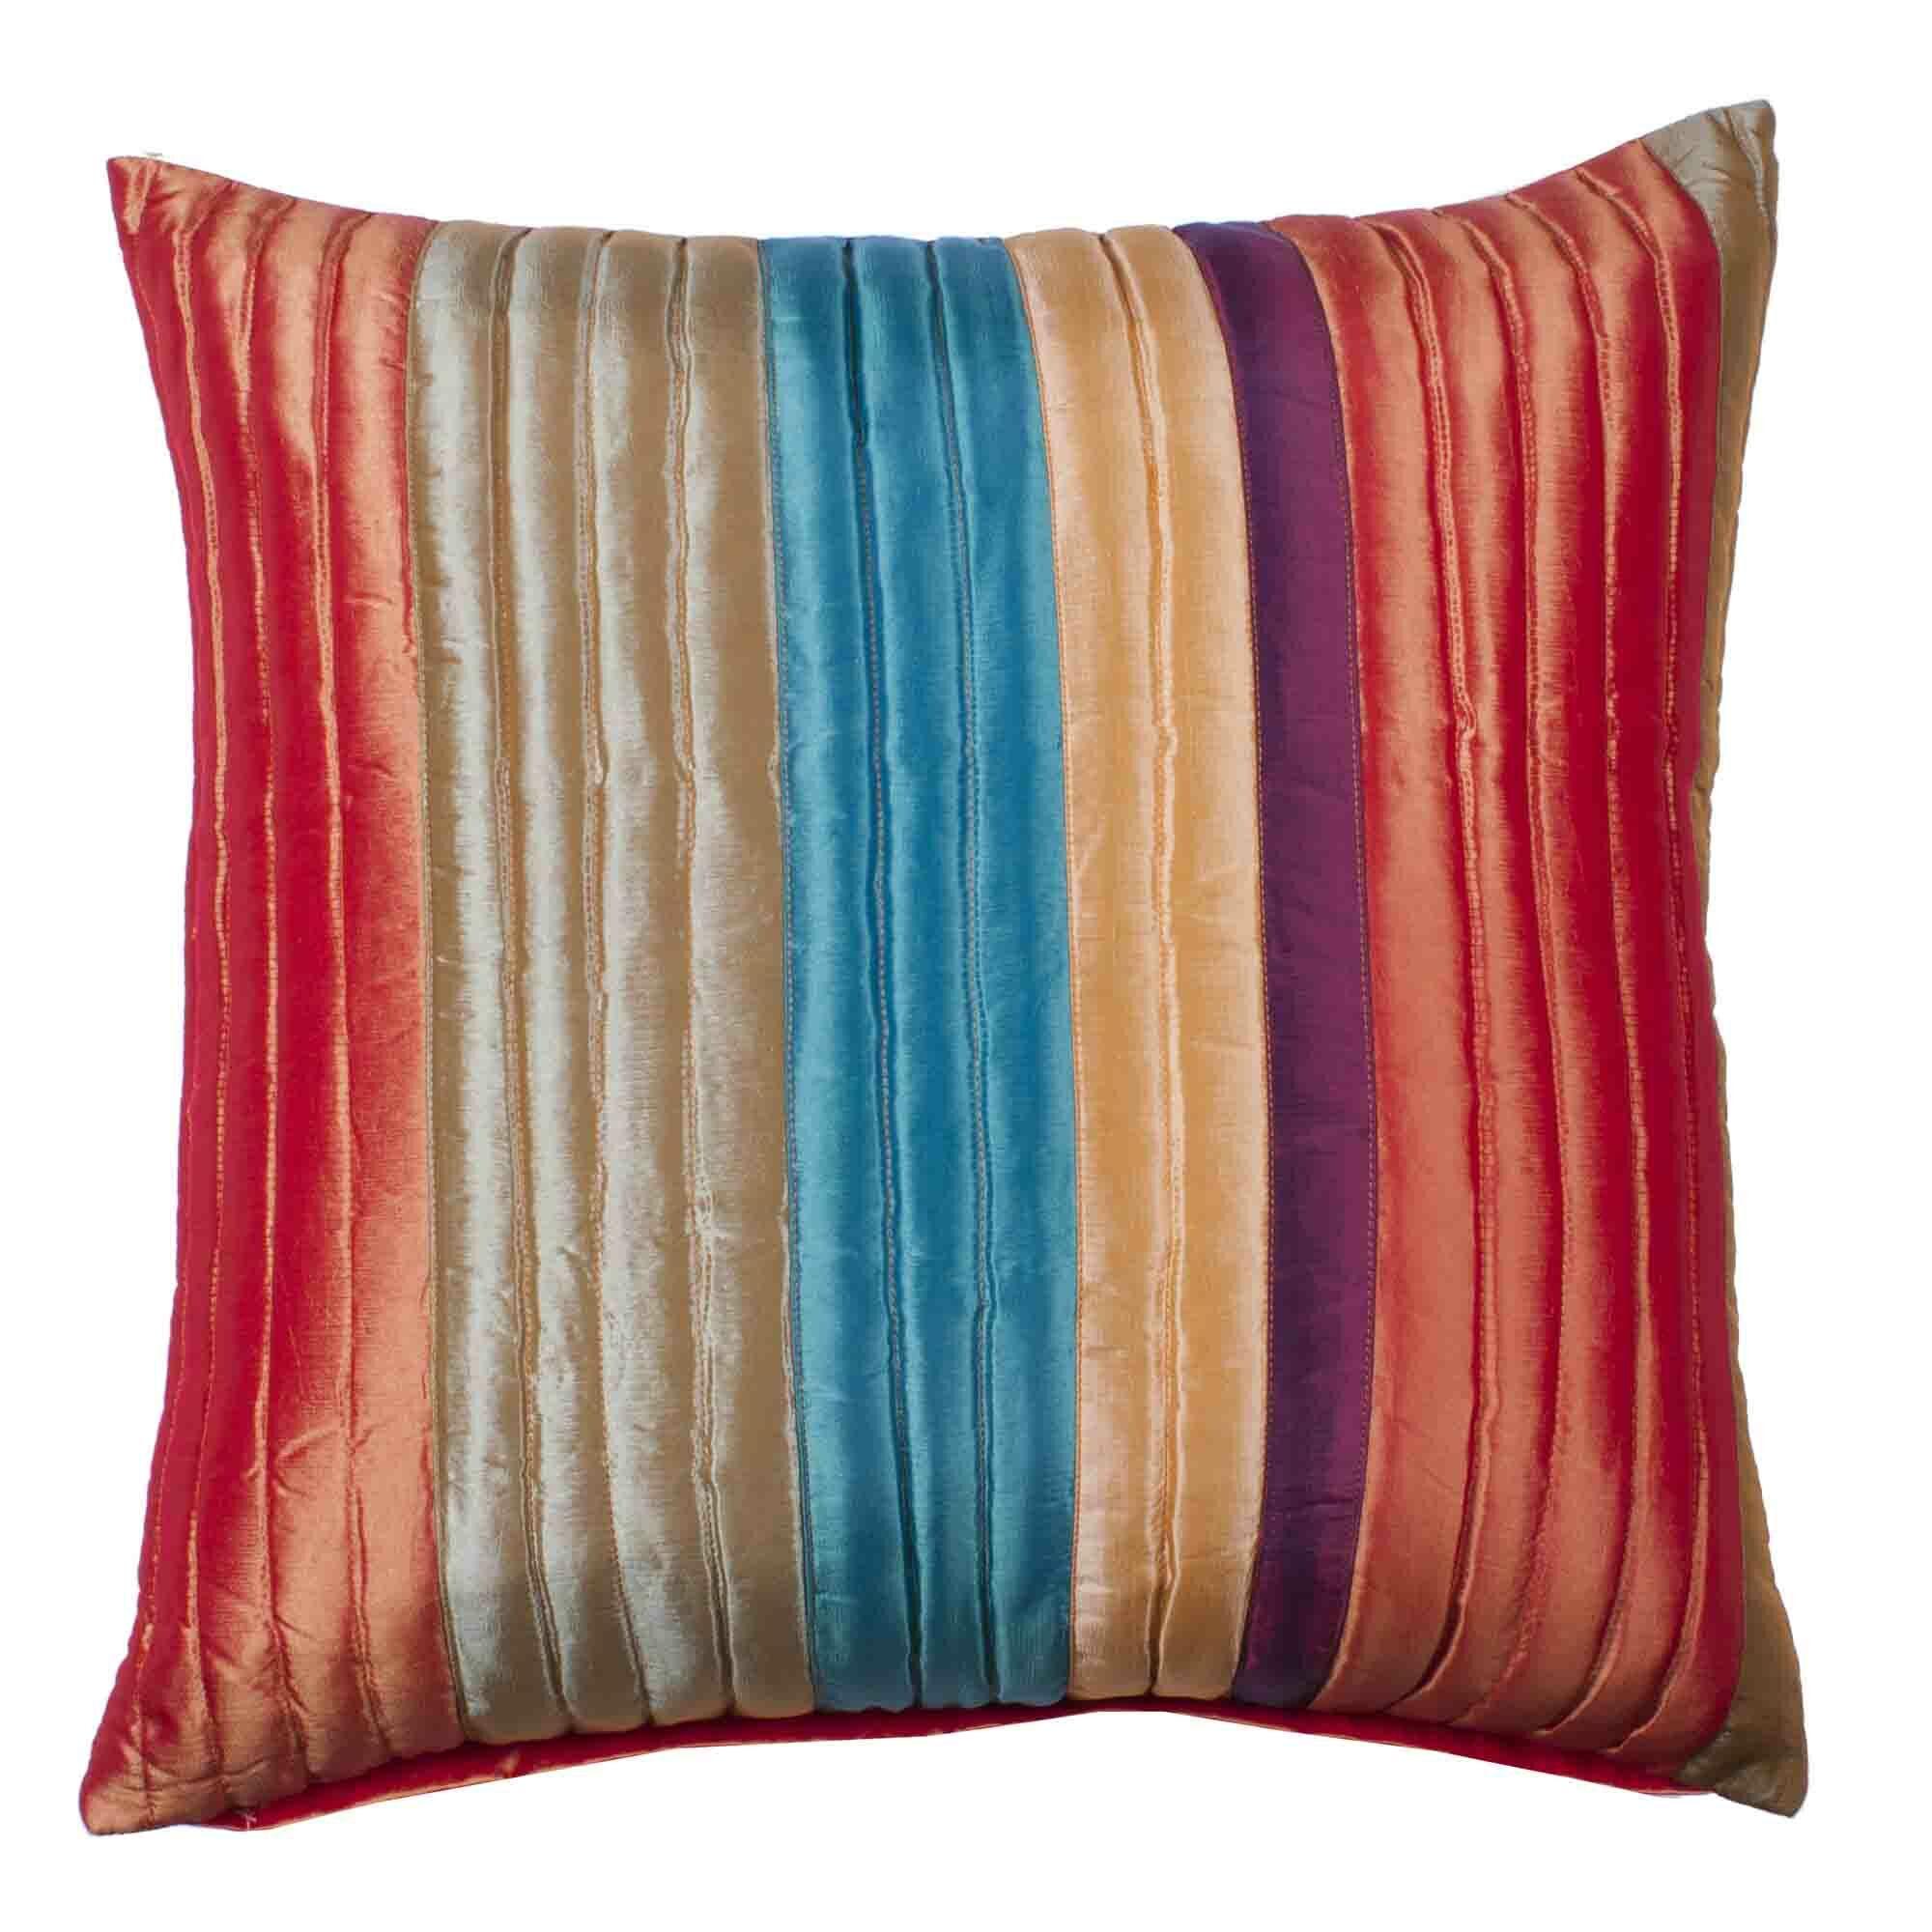 Malaga Pillow Cover